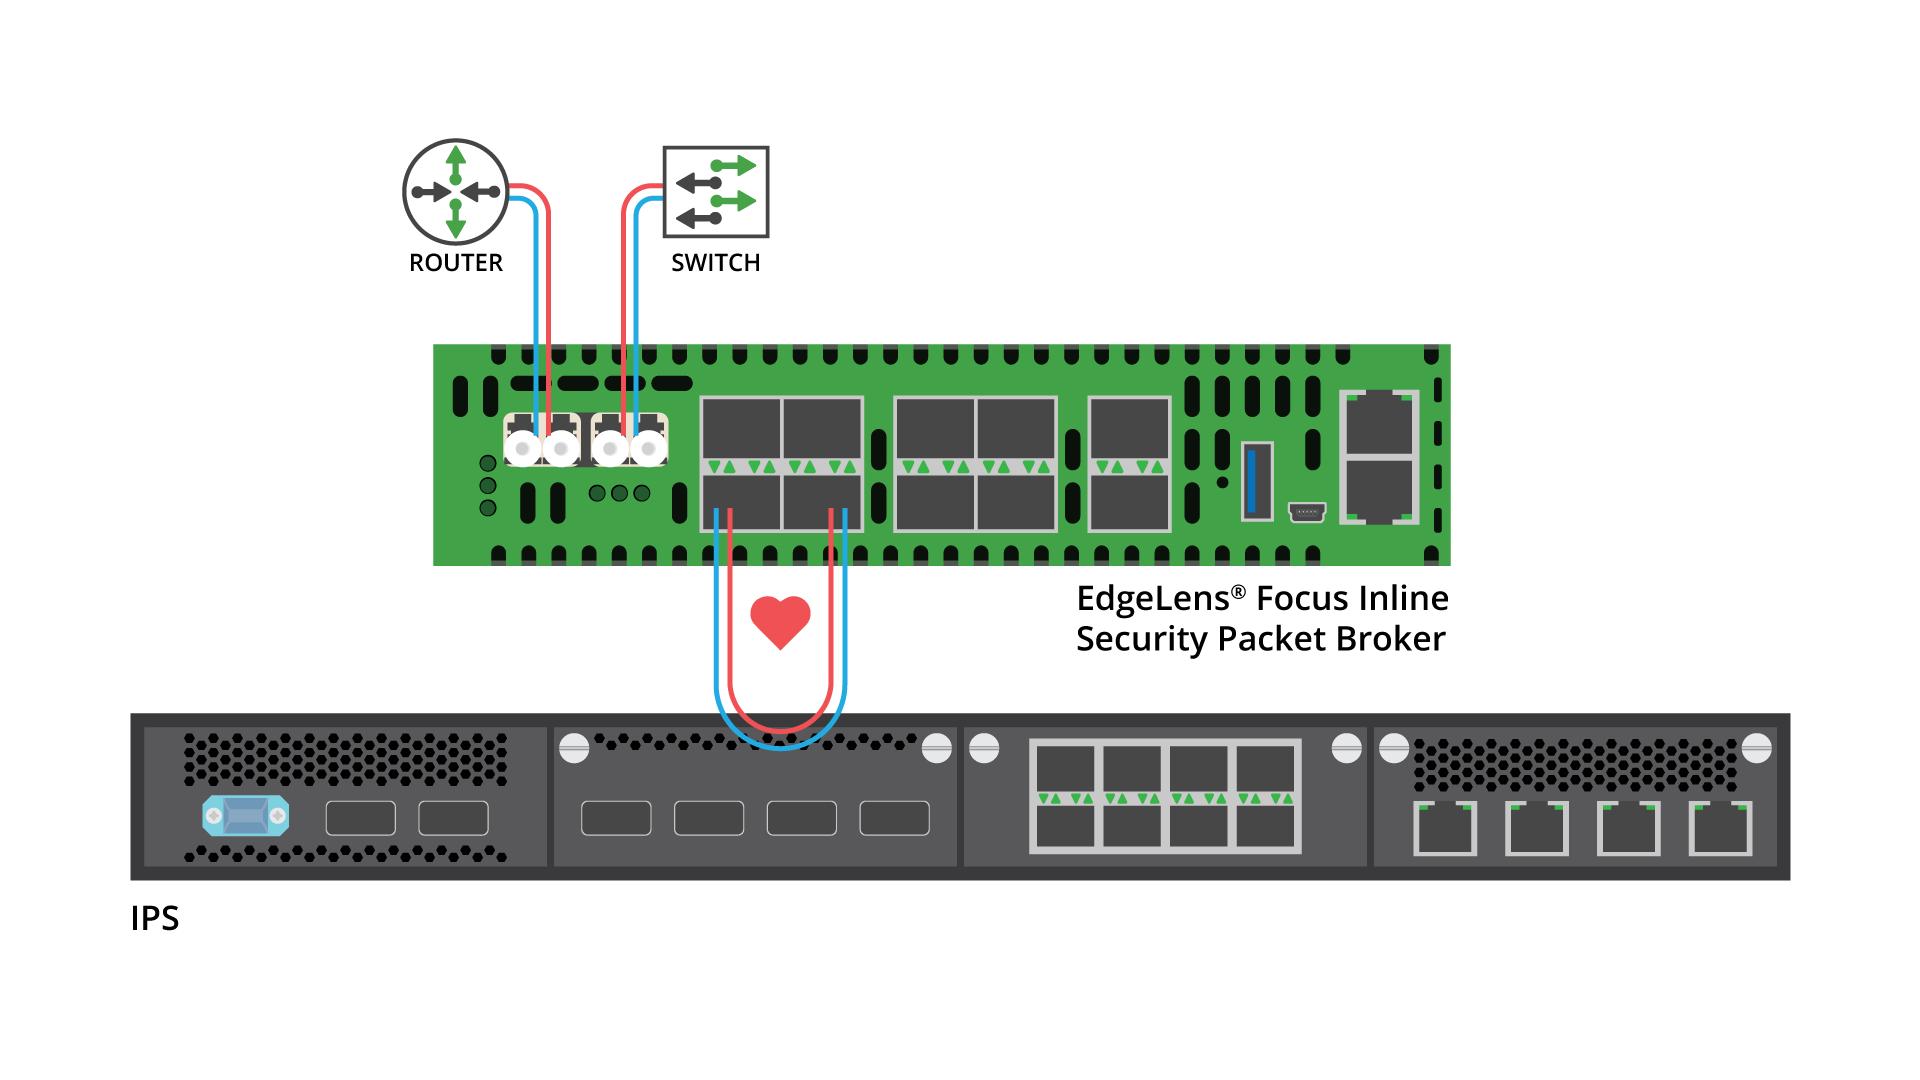 EdgeLens-Focus-Inline-Security-Packet-Broker